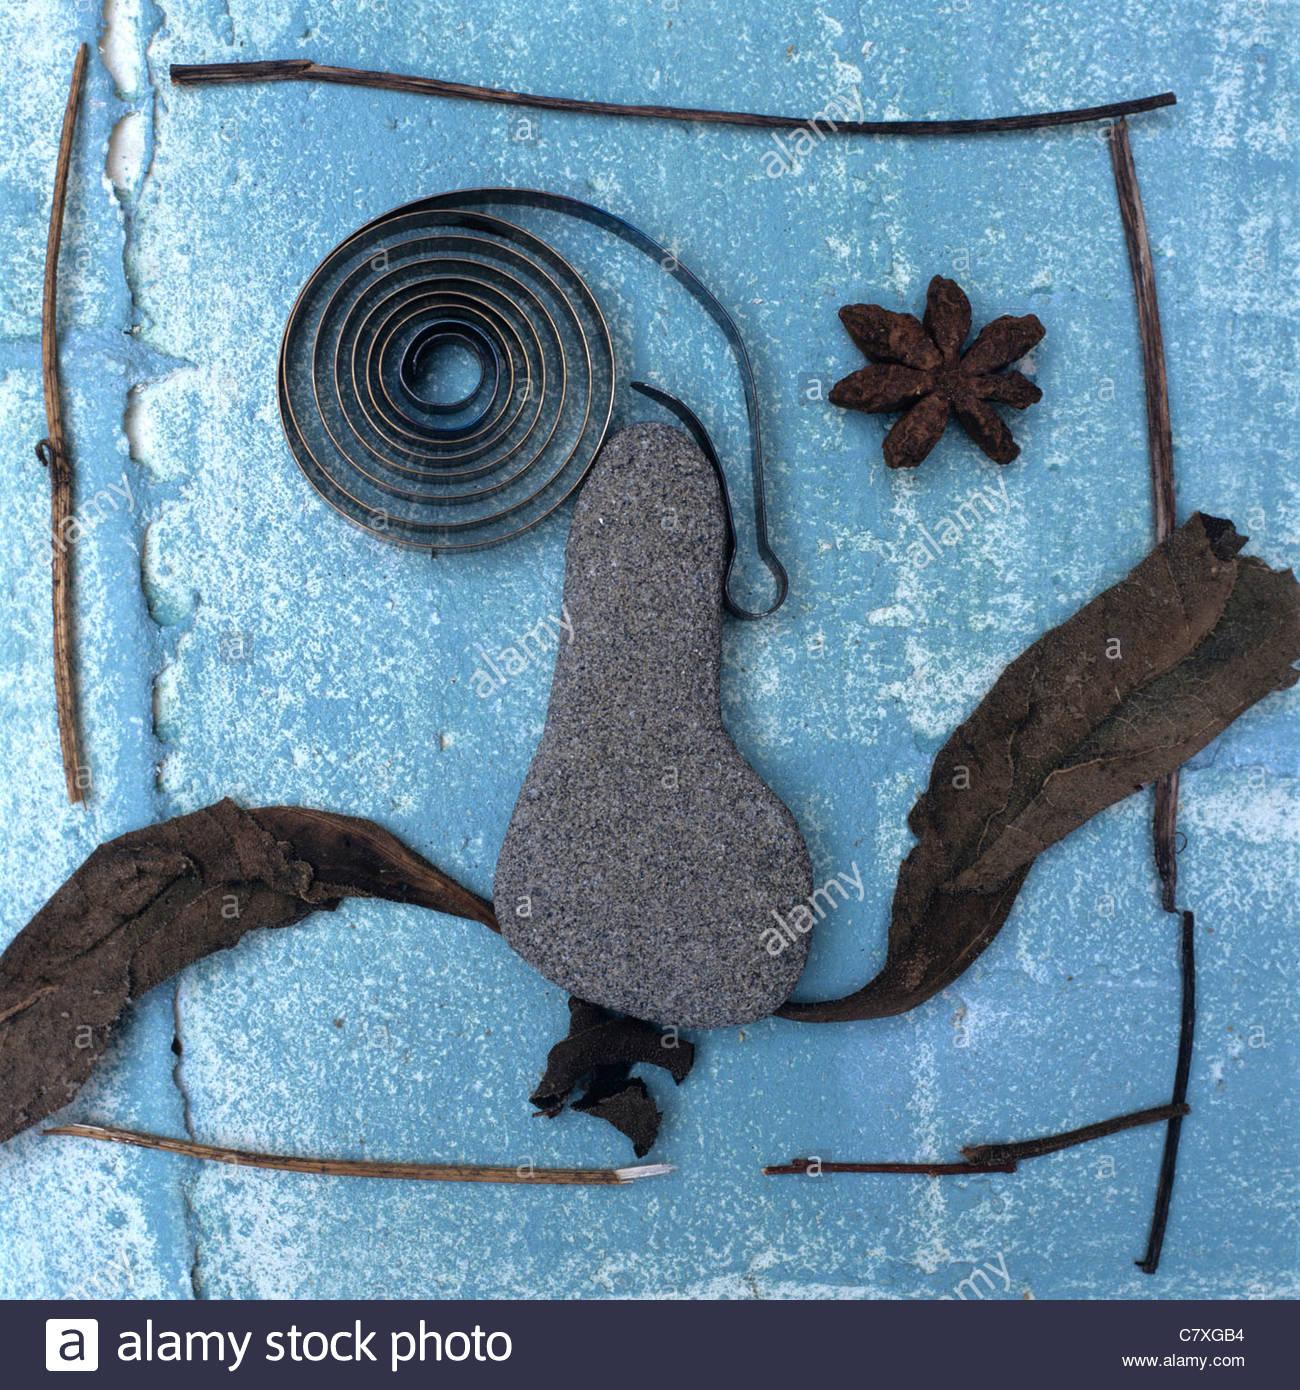 Konzeptbild von menschlichem Antlitz hergestellt aus Zweigen, Steinen und Federn Stockbild